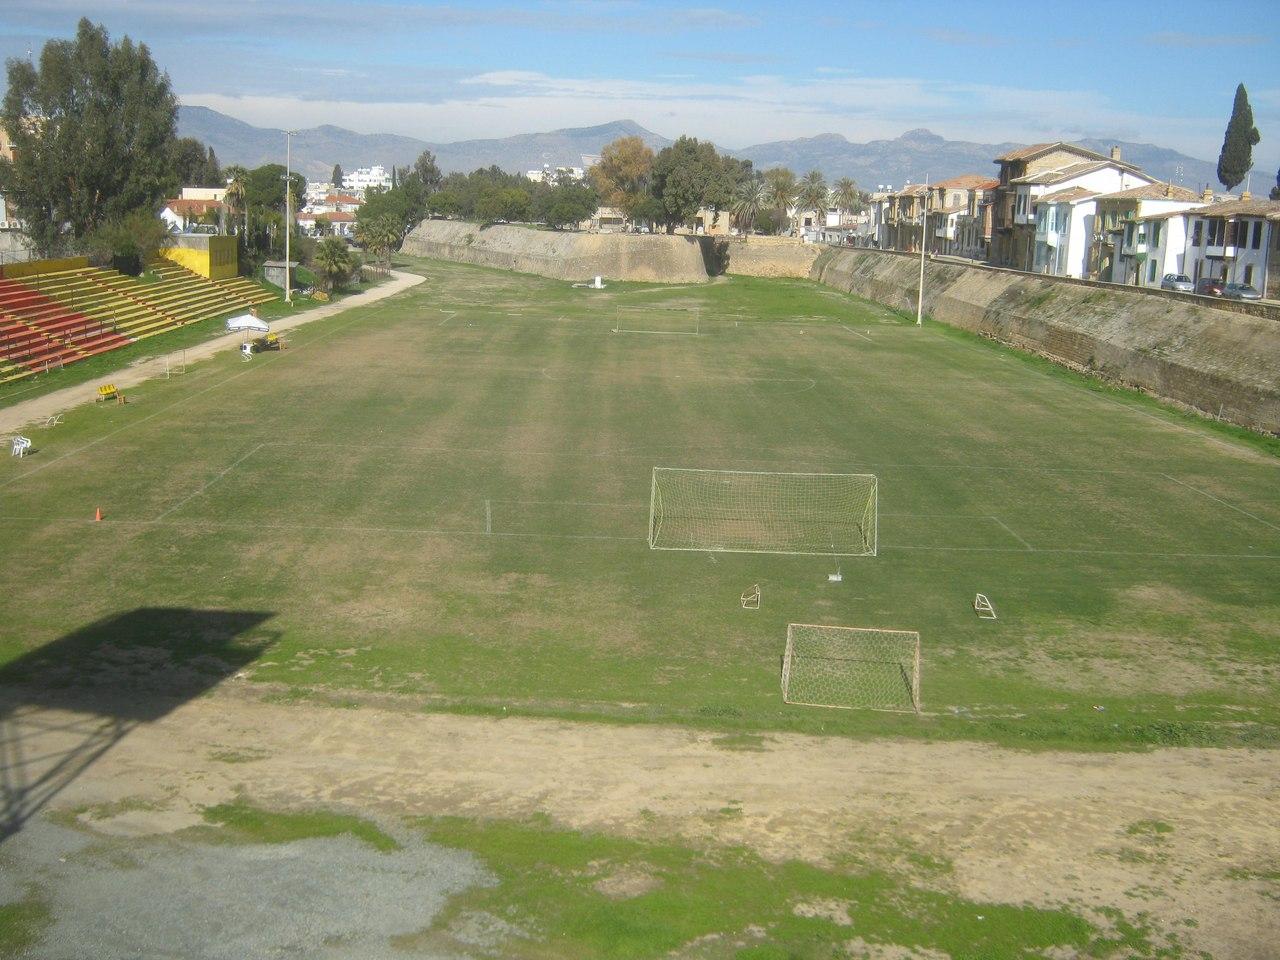 стадион у буферный зоны в Лефкоша